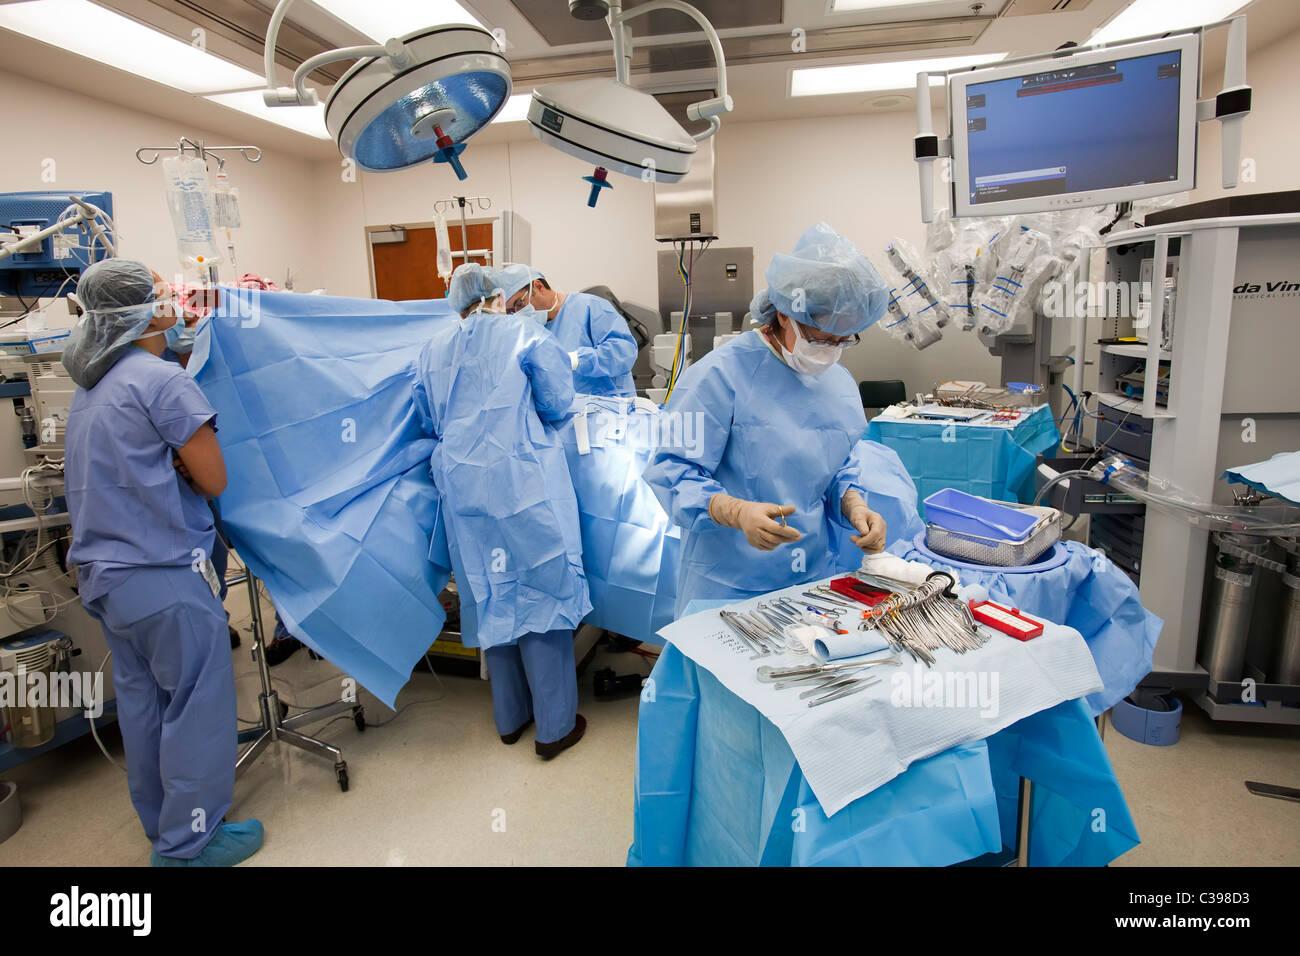 La chirurgie dans la salle d'opération de l'hôpital Banque D'Images